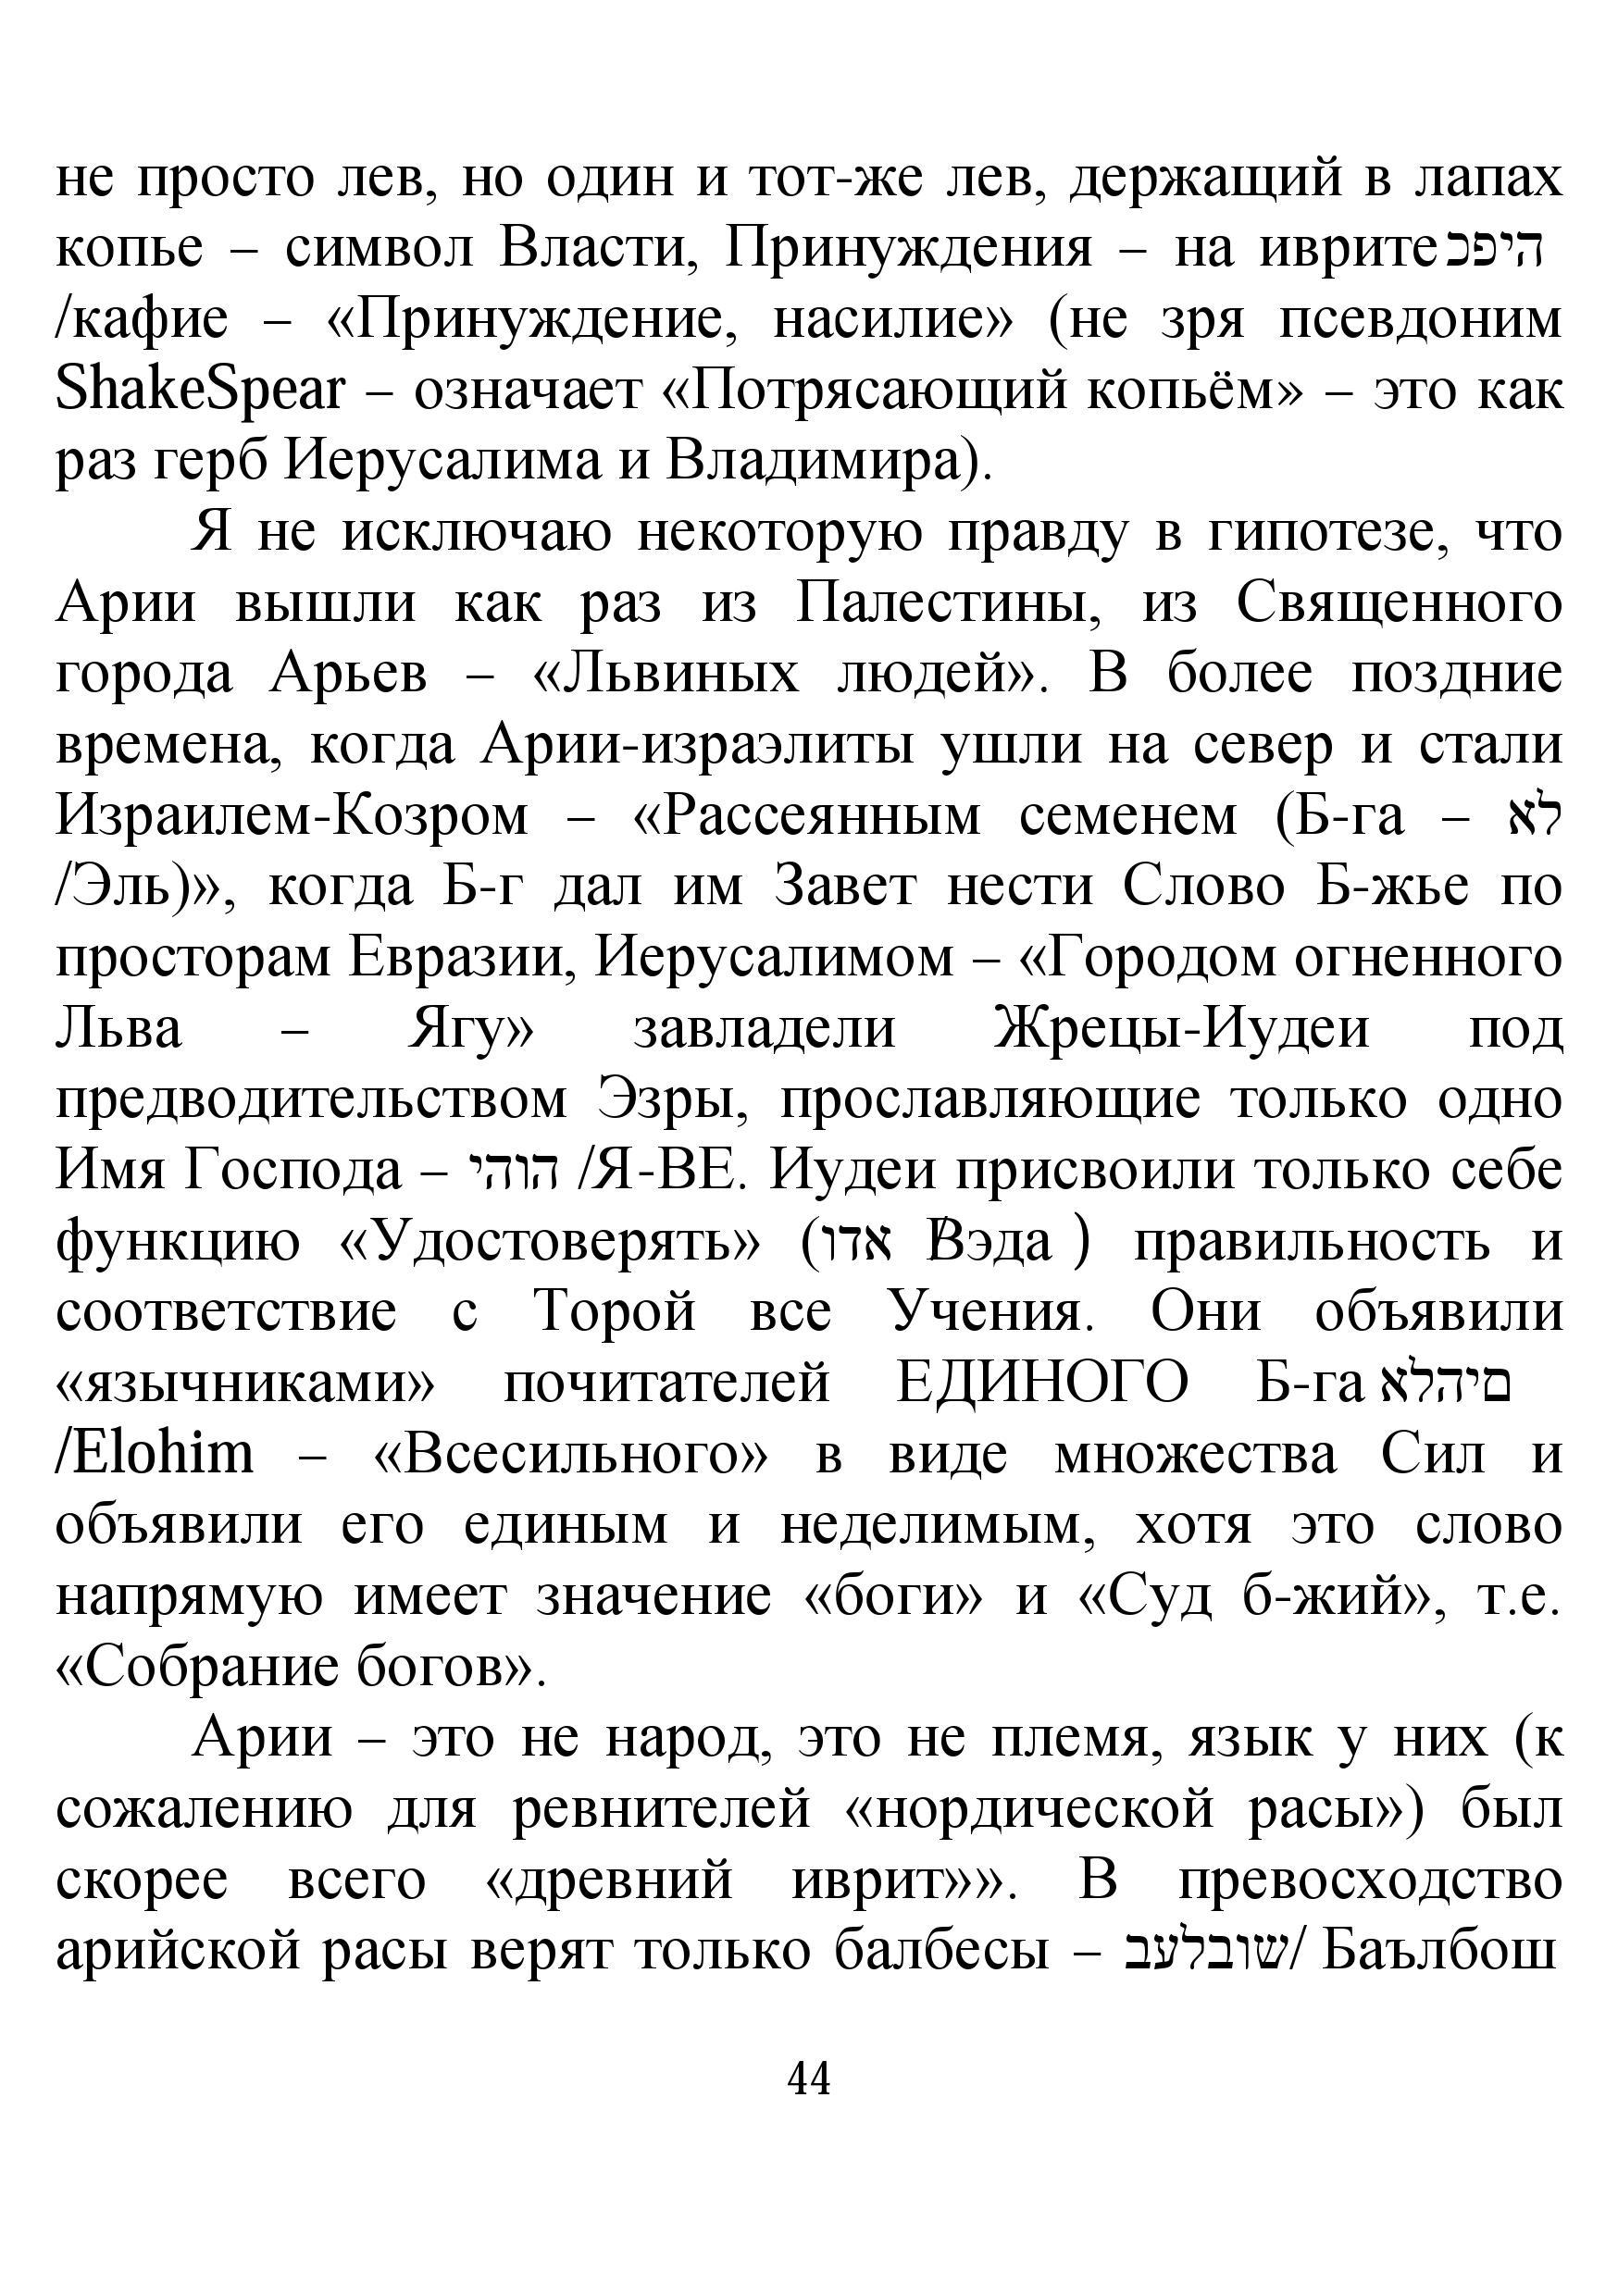 http://s7.uploads.ru/uVjsz.jpg